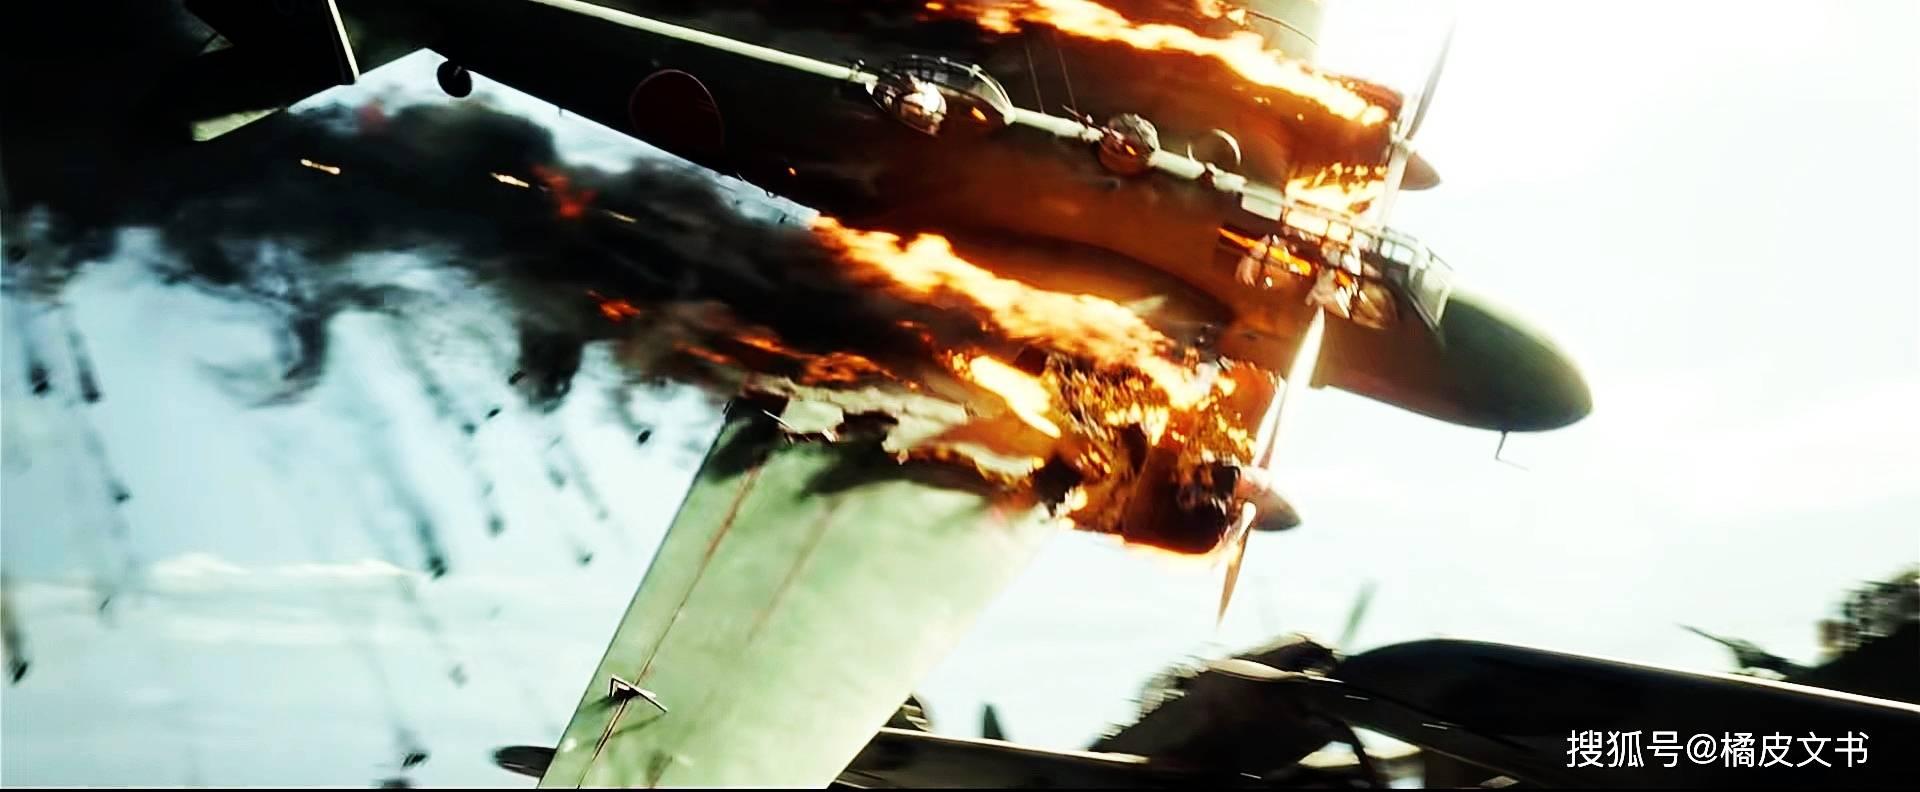 太平洋战争特鲁特之战:日军残敌拼死战美军,地狱猫吊打零式战斗机